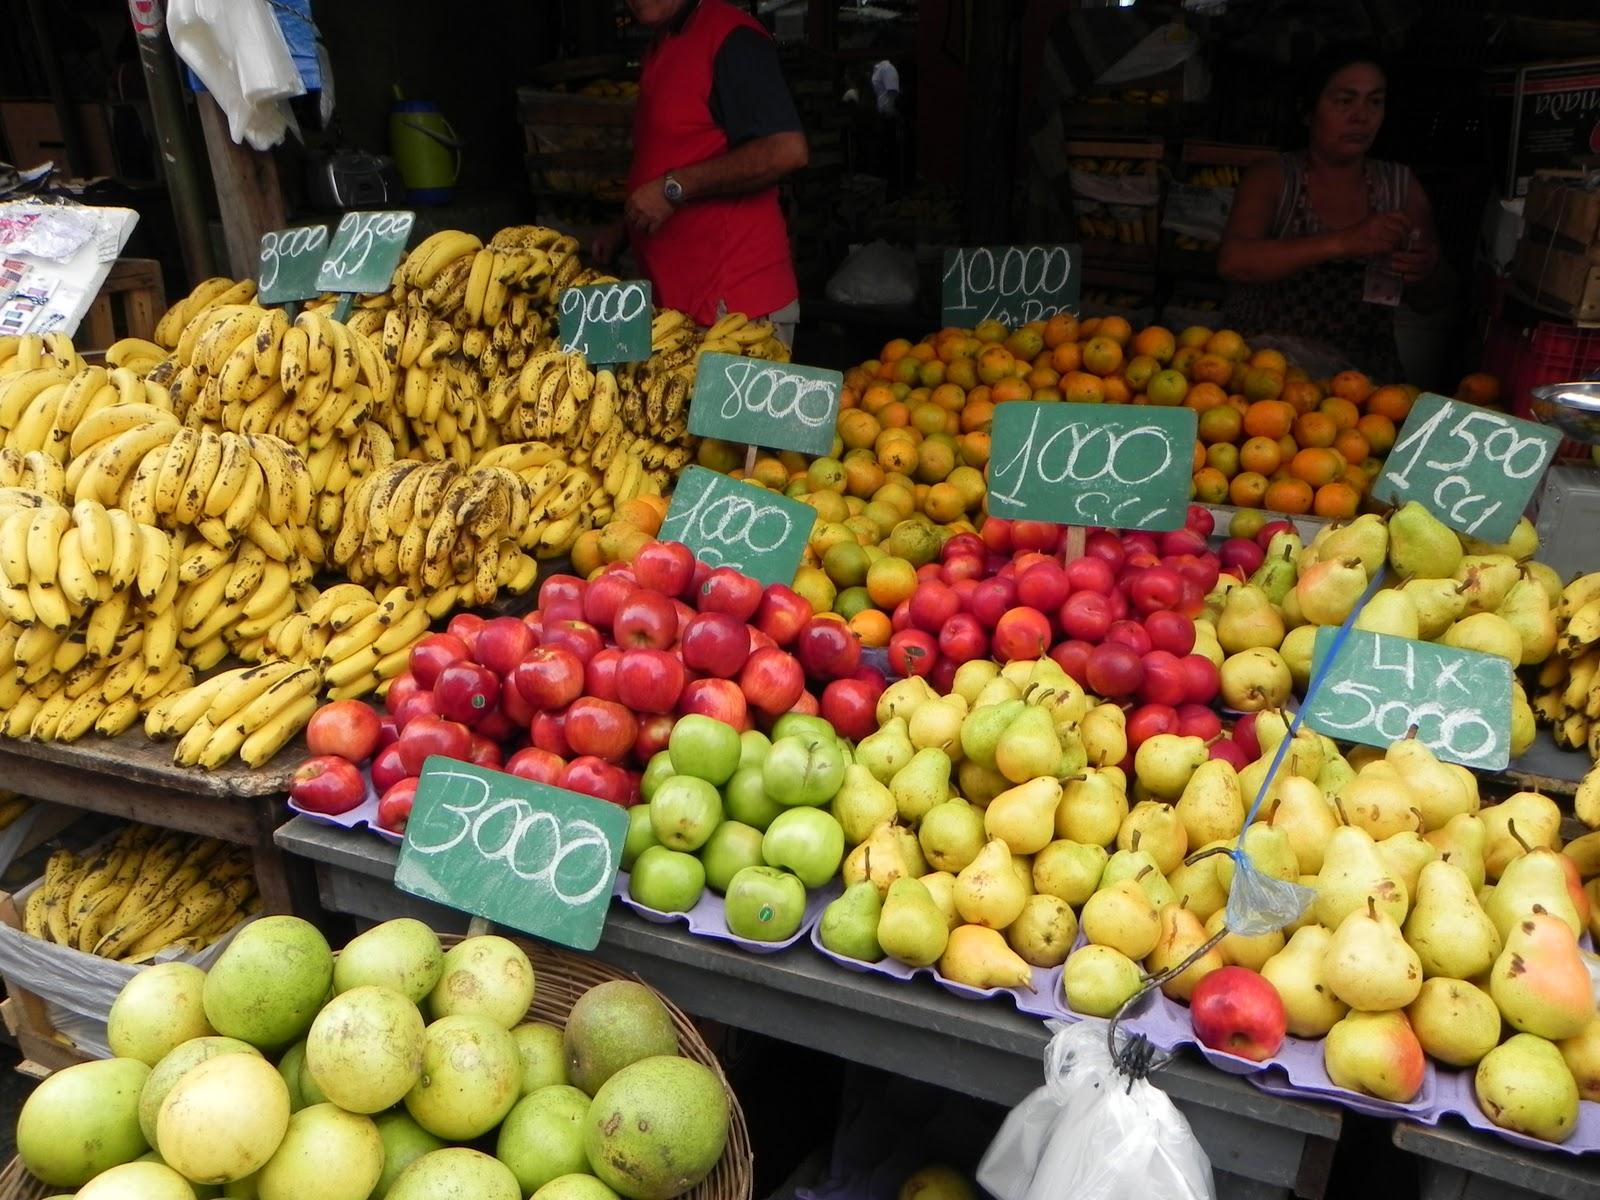 Rutas paraguayas mercado 4 asunci n for Delivery asuncion